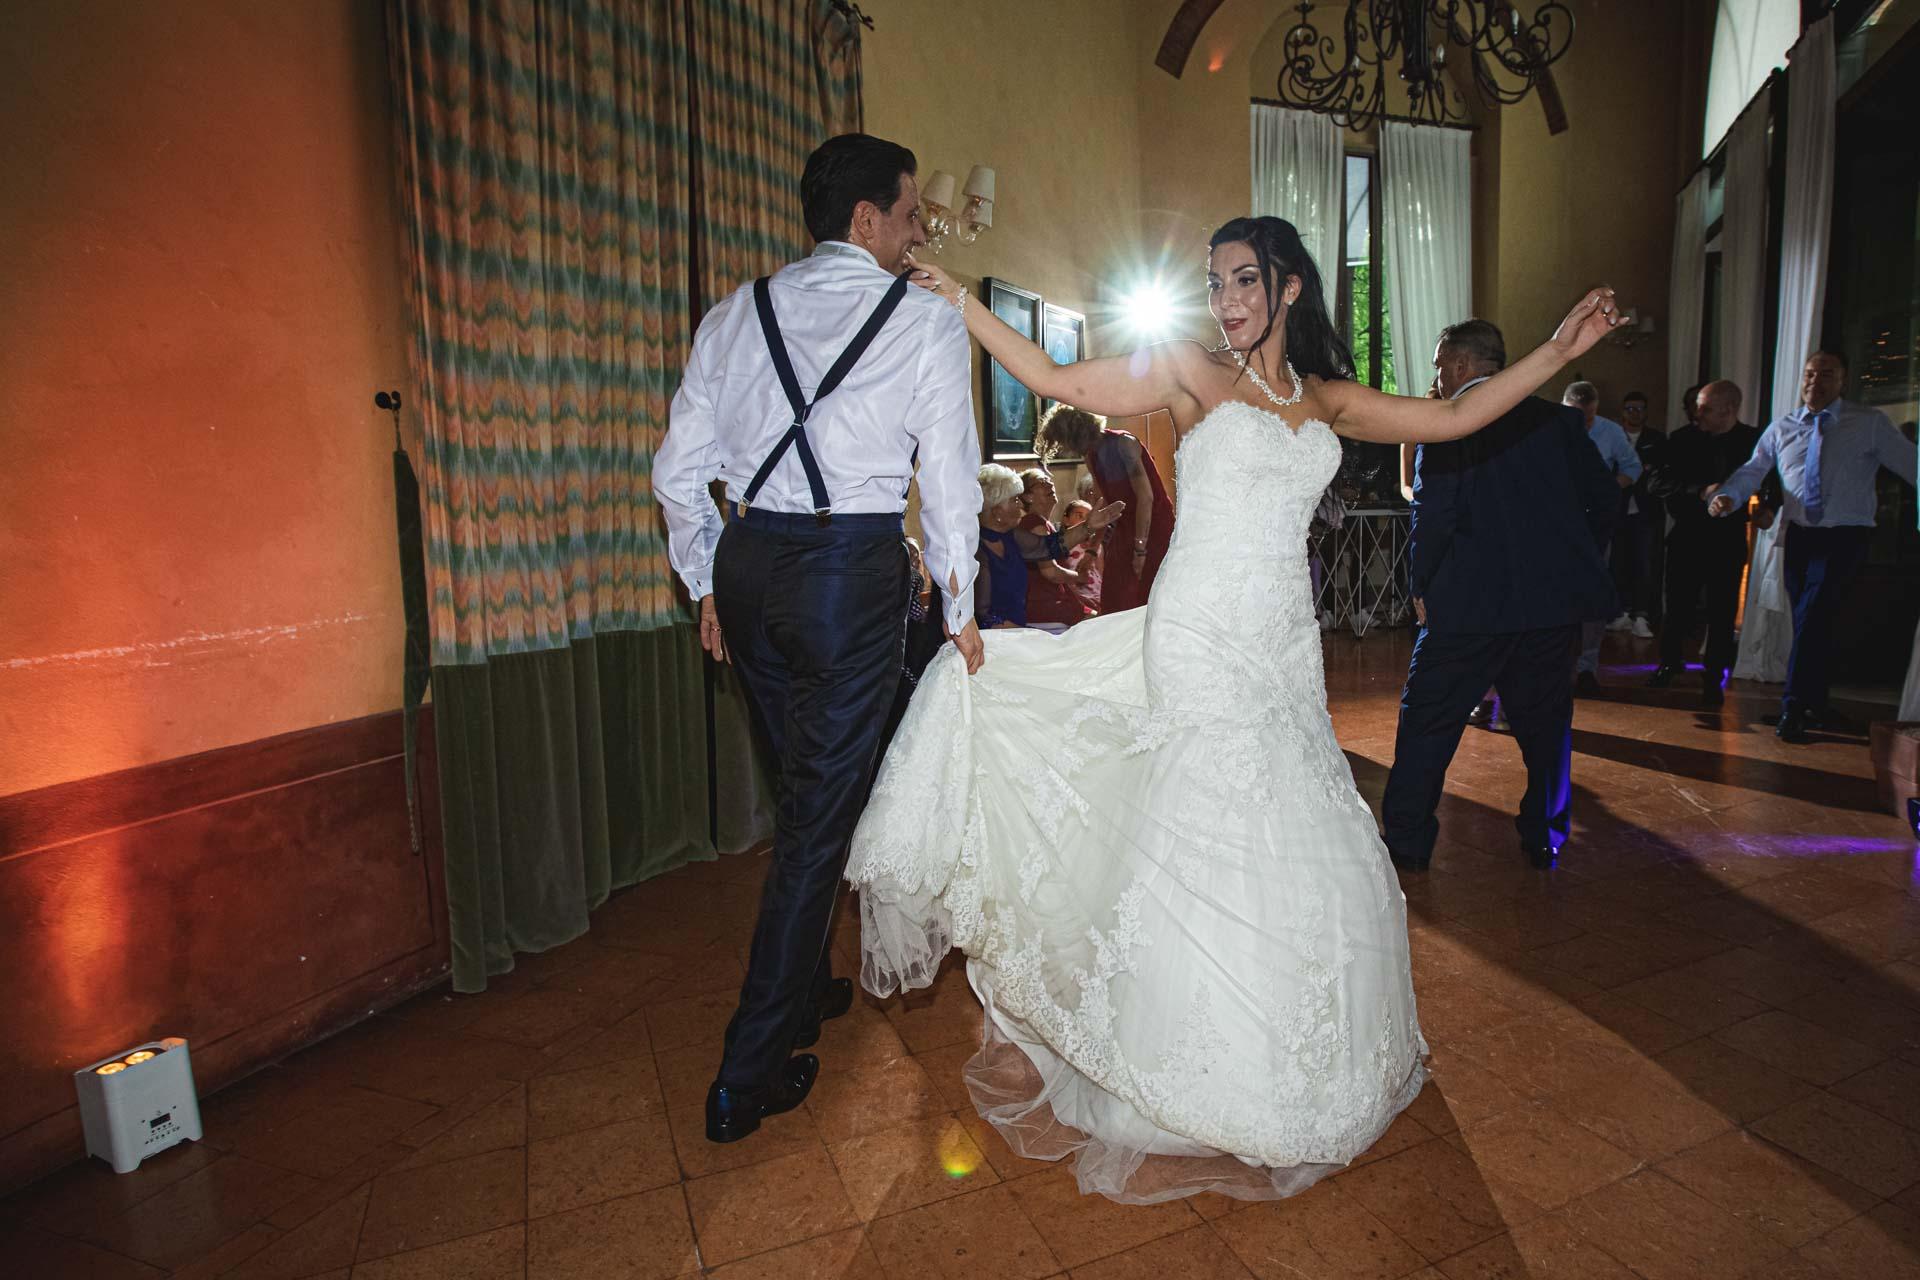 sposi ballo ricevimento invitati